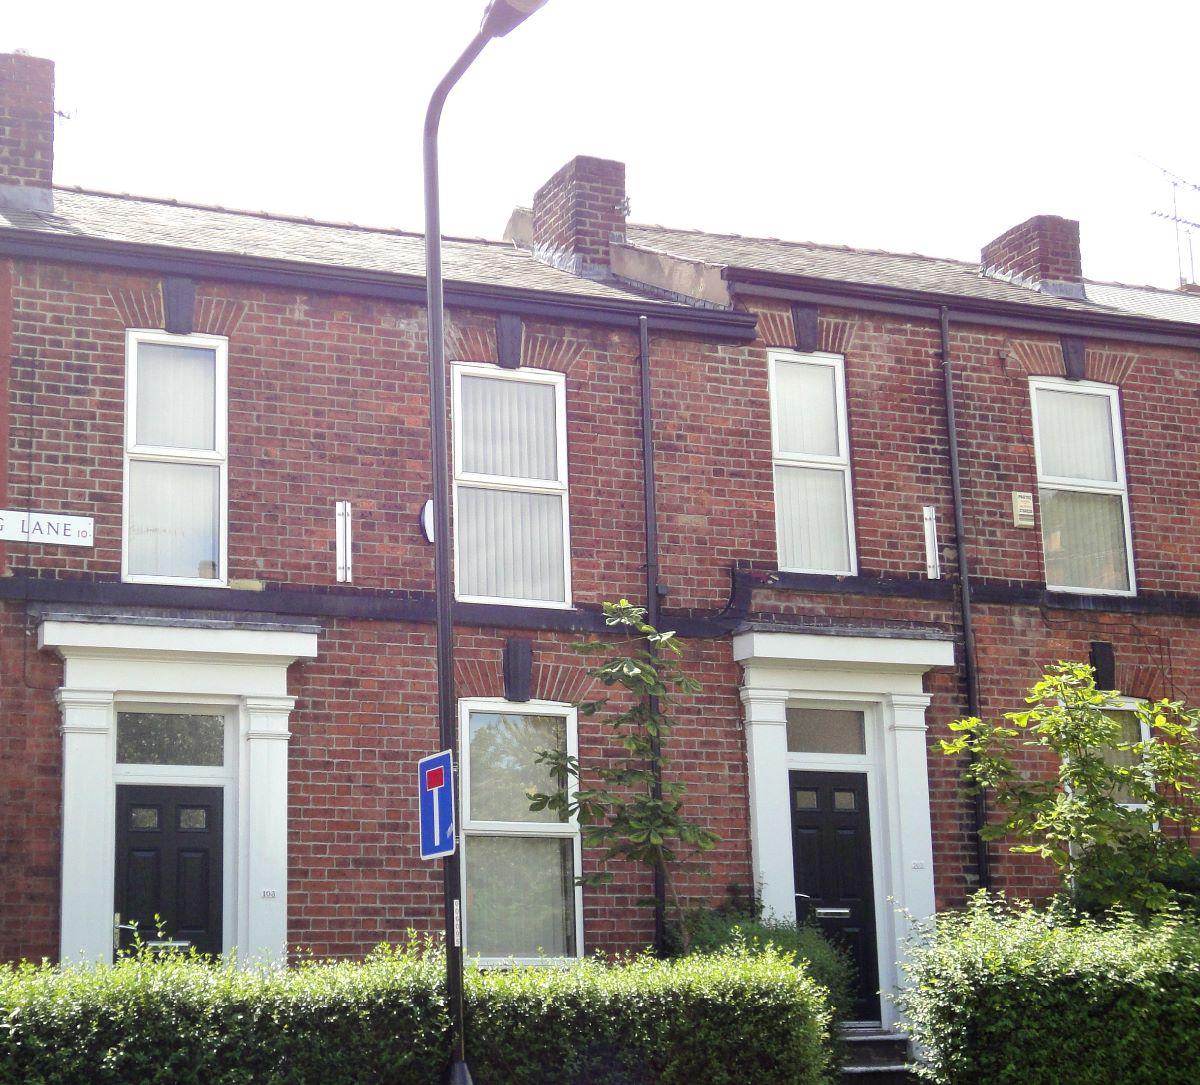 103 Broomspring Lane, Broomspring Lane, Sheffield